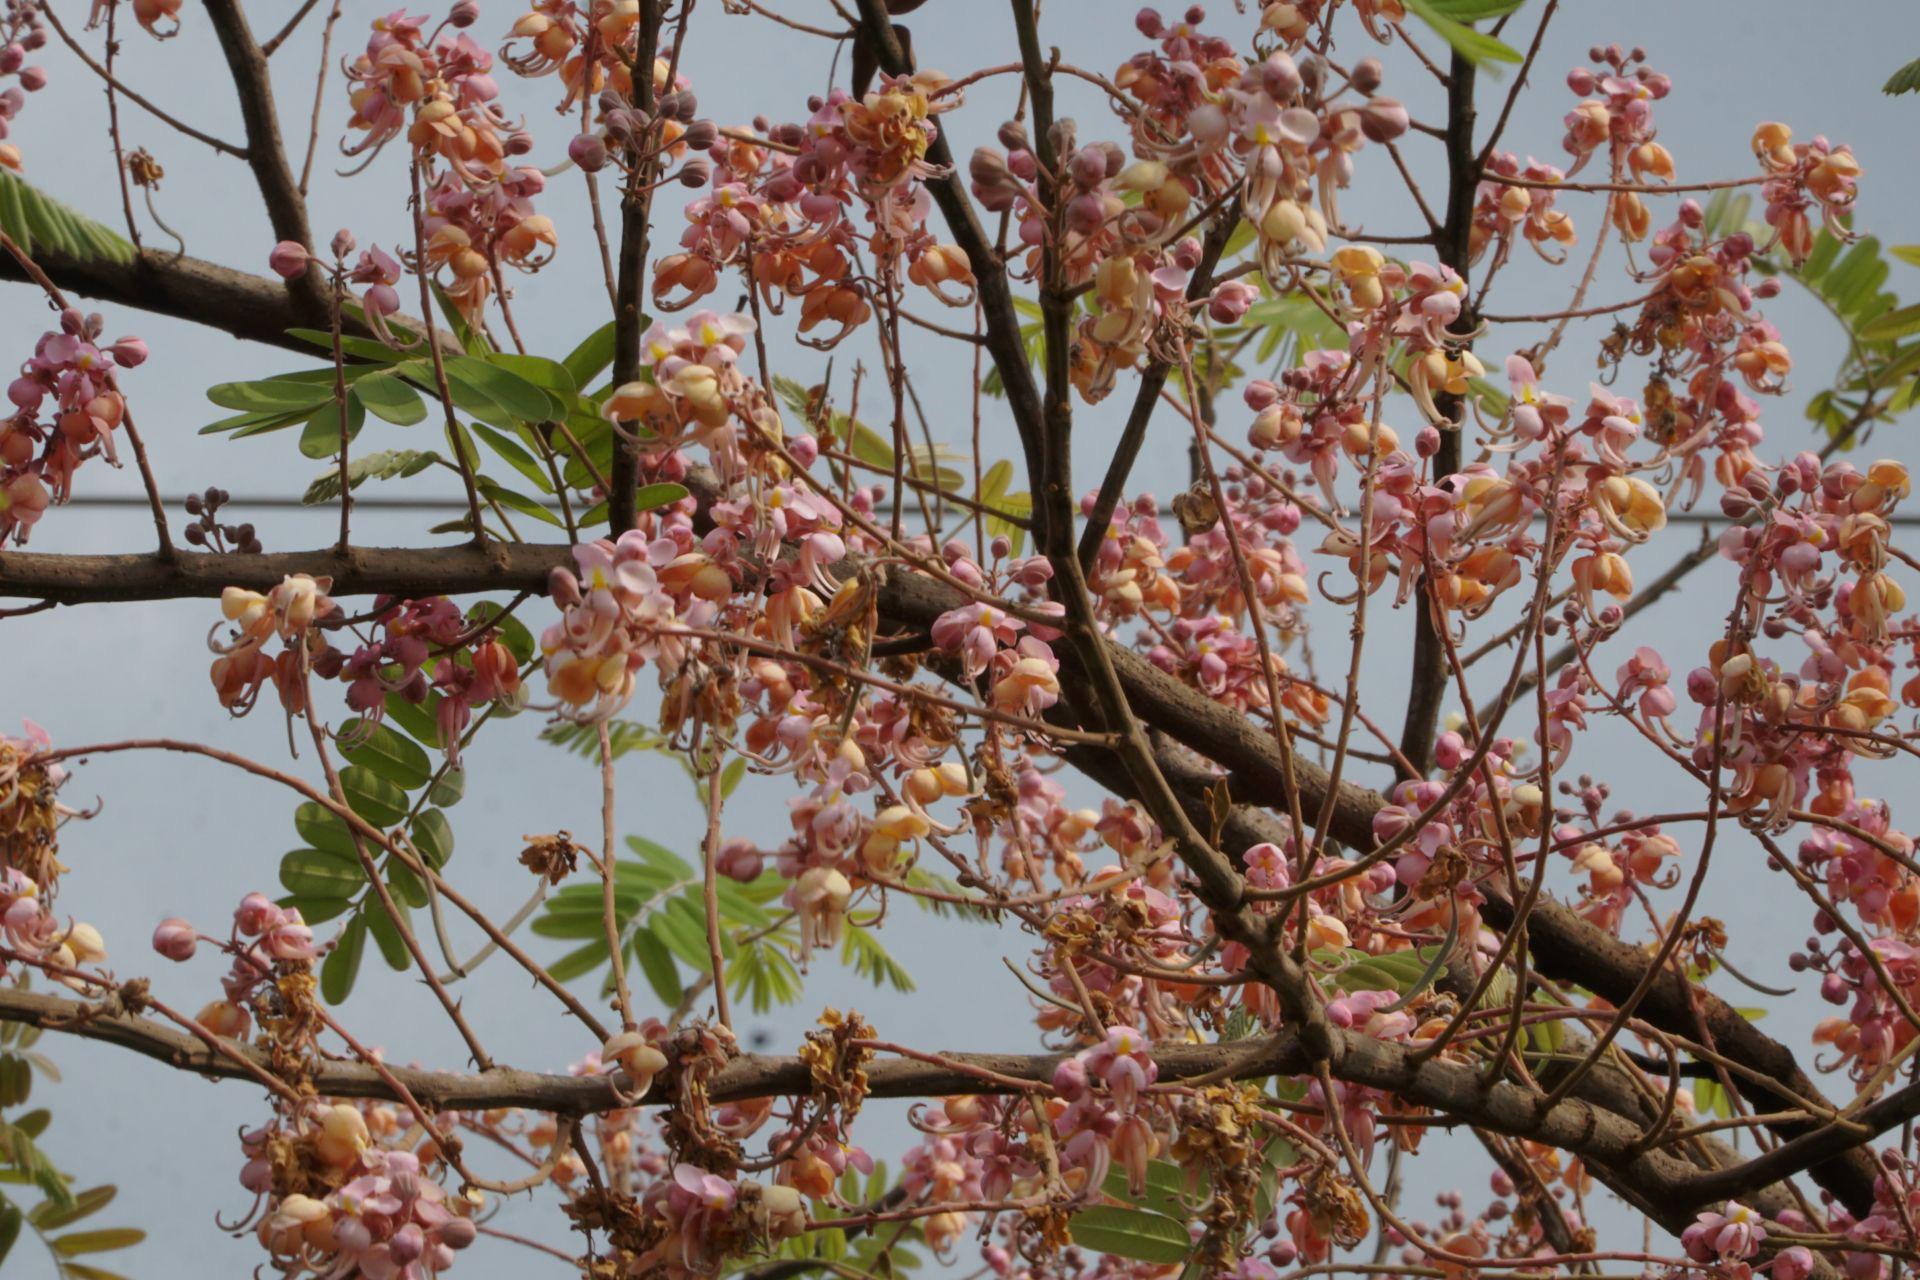 """Loài hoa gì ở miền Tây """"lên"""" tận tỉnh Tây Ninh nở quá trời, ai ngắm cũng thấy đẹp mê li, thốt lên trầm trồ? - Ảnh 2."""